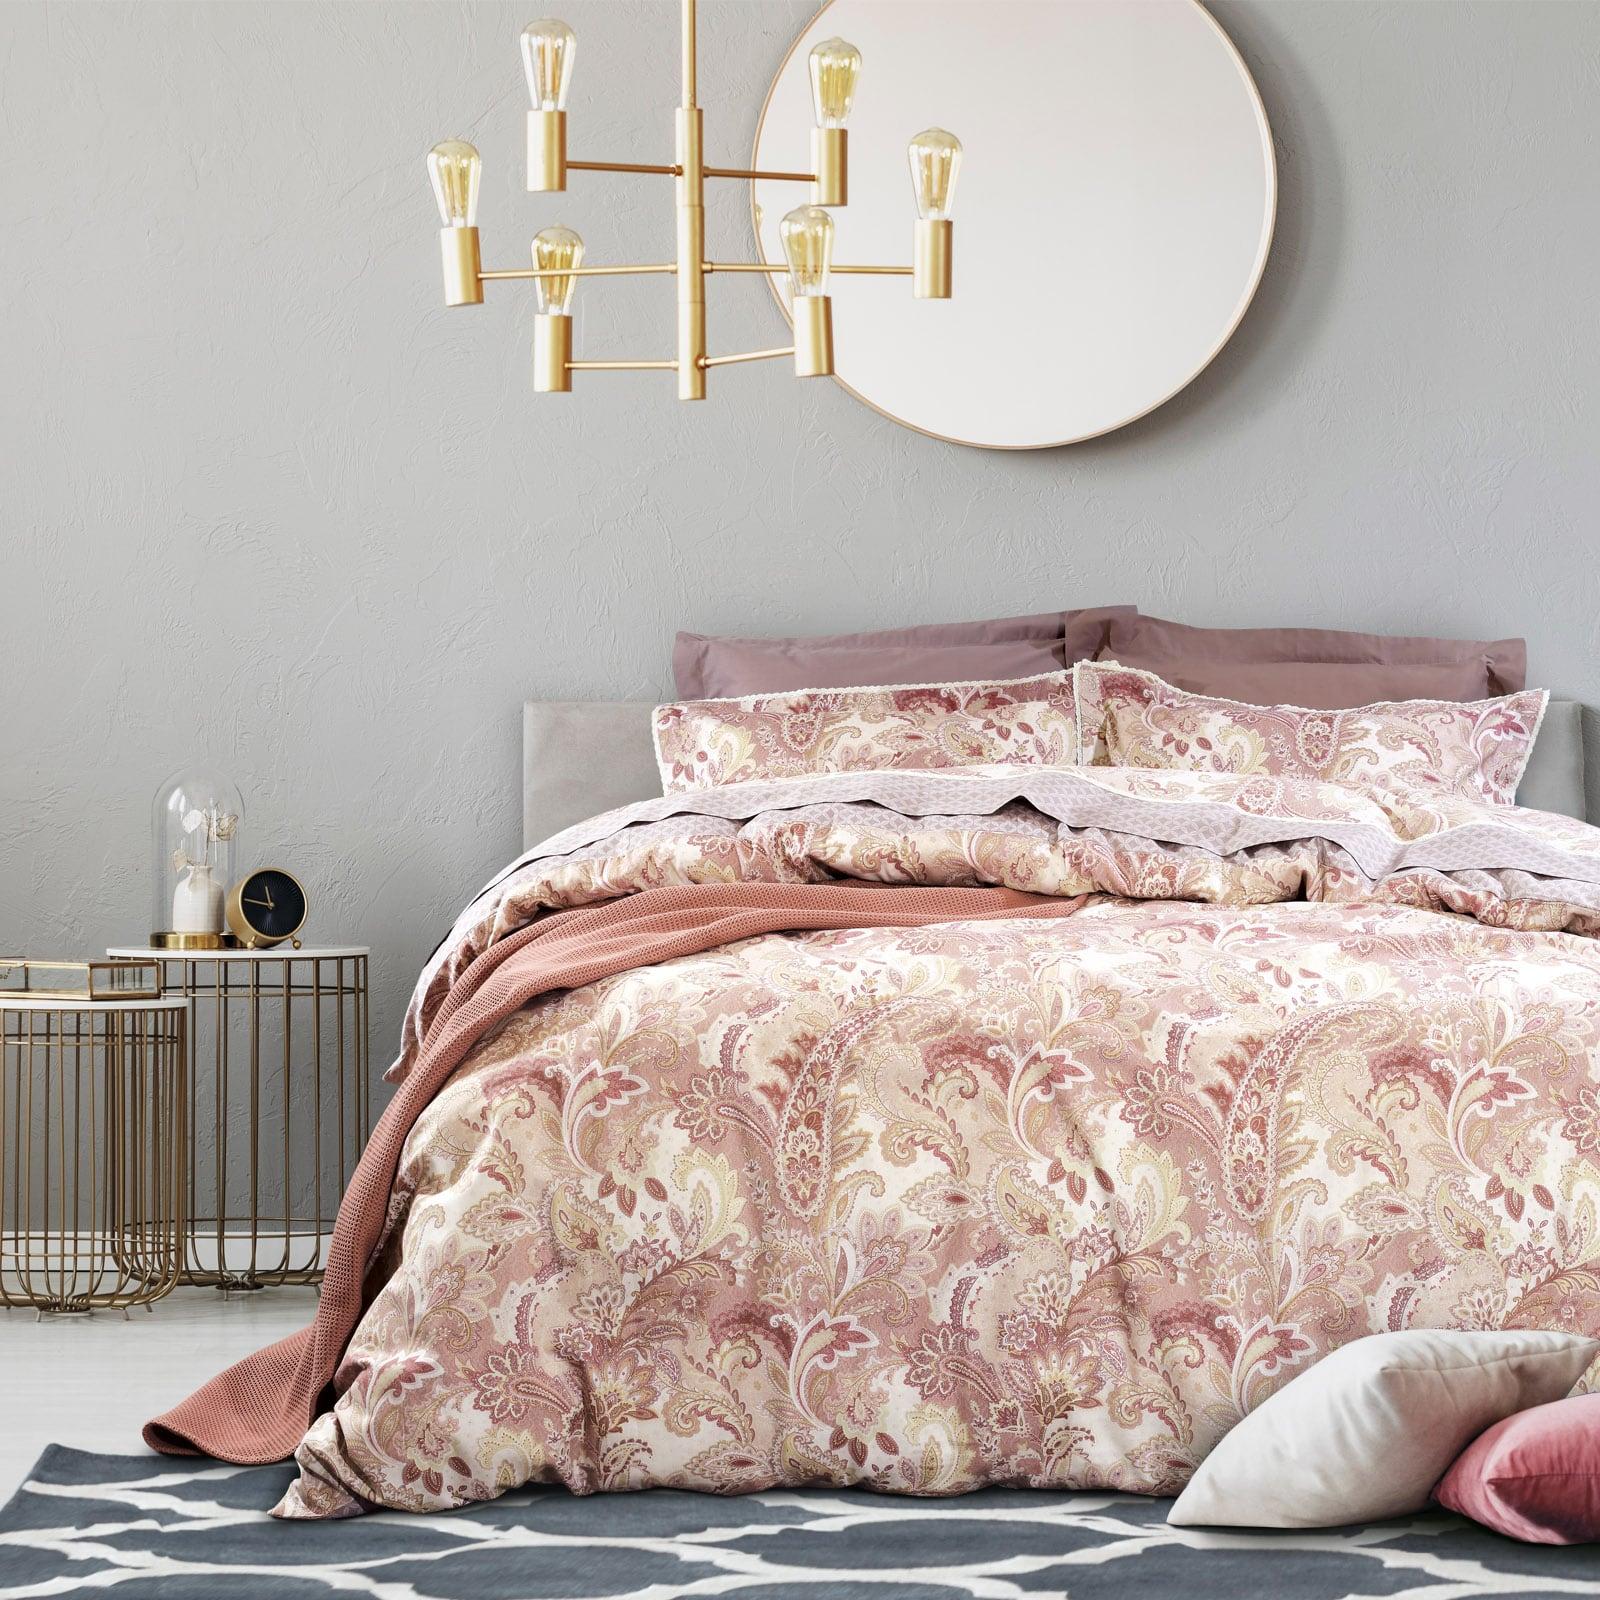 Σεντόνια Σετ 4τμχ 1620 Prestige Nude-Pink Das Home Υπέρδιπλo 230x260cm